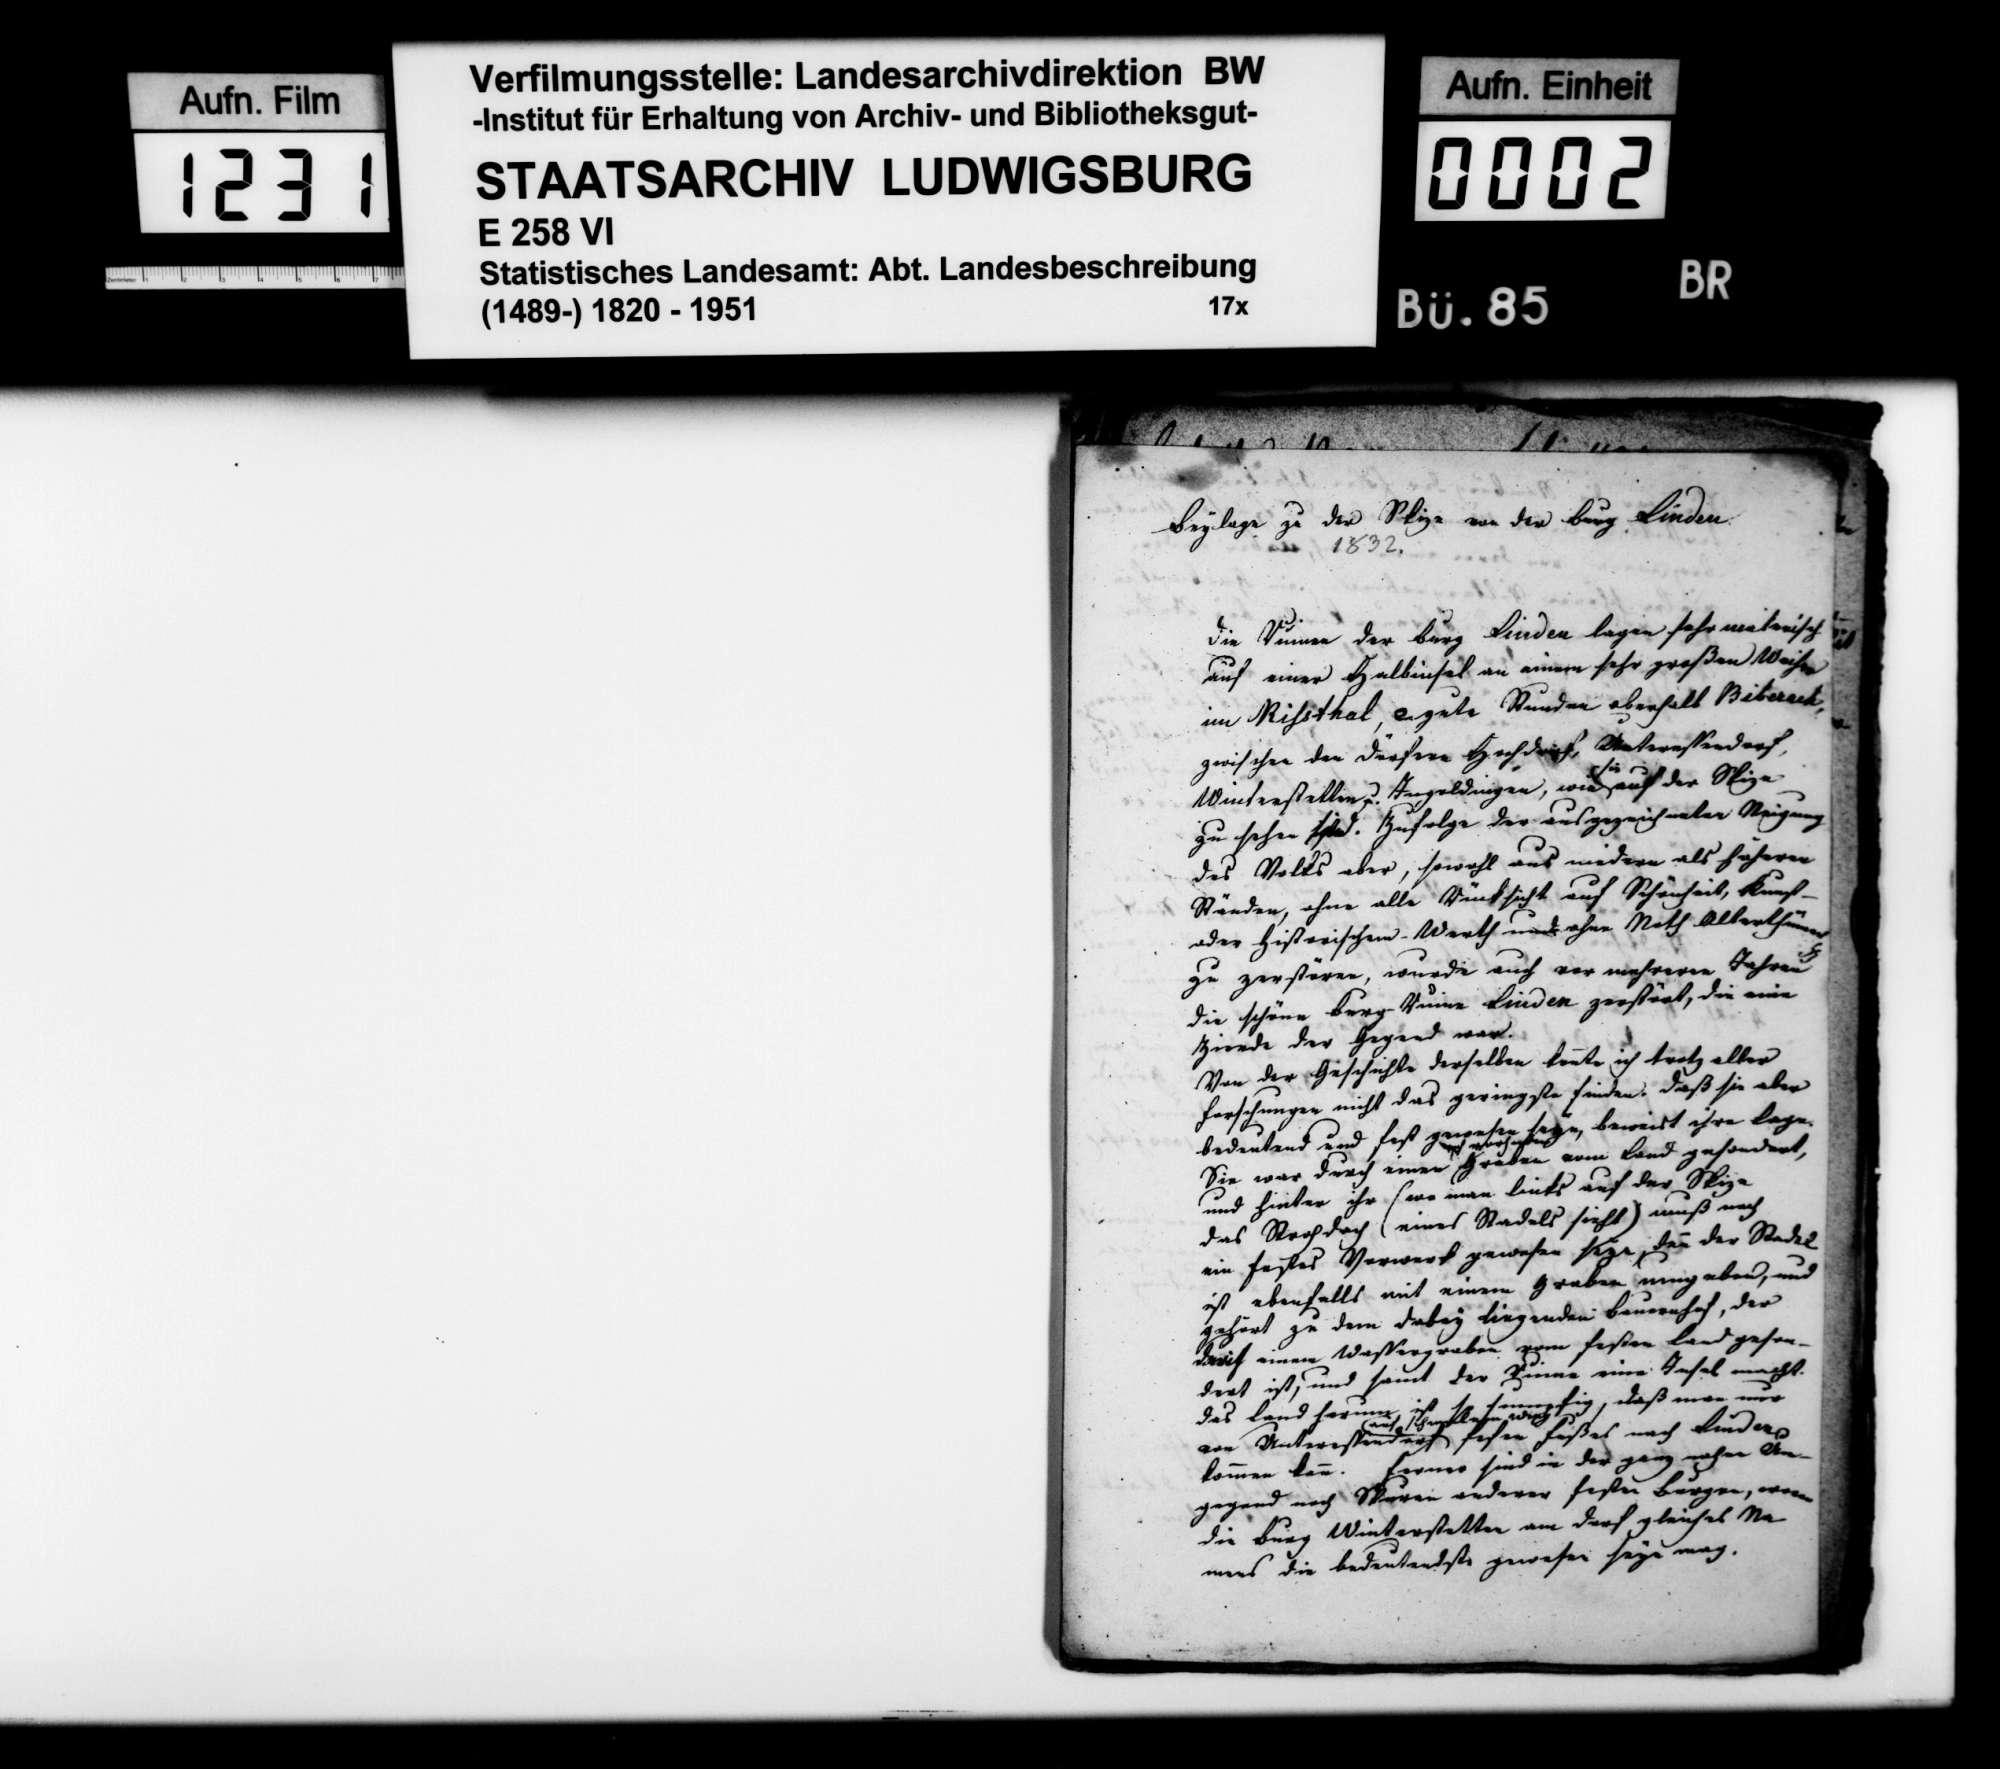 Manuskripte des Kupferstechers August Seyffer zur Veröffentlichung in den Zeitungen